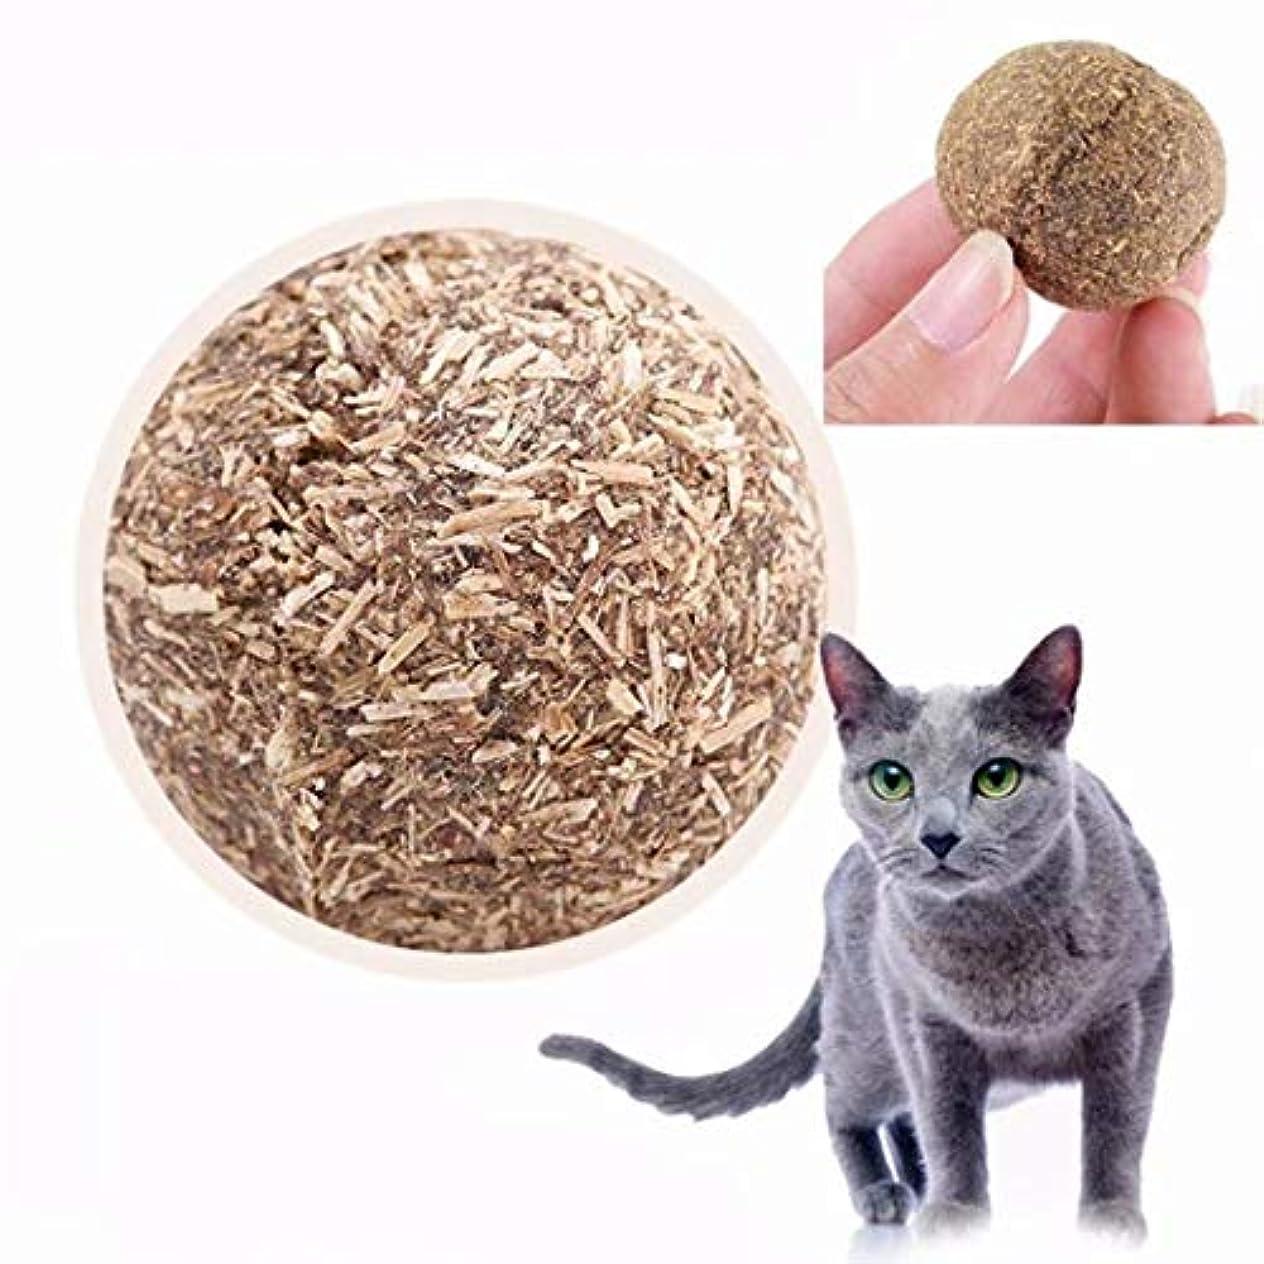 住所剣スキッパー七里の香 猫ミントボール 歯ぎしり?噛むおもちゃ 猫ストレス解消グッズ